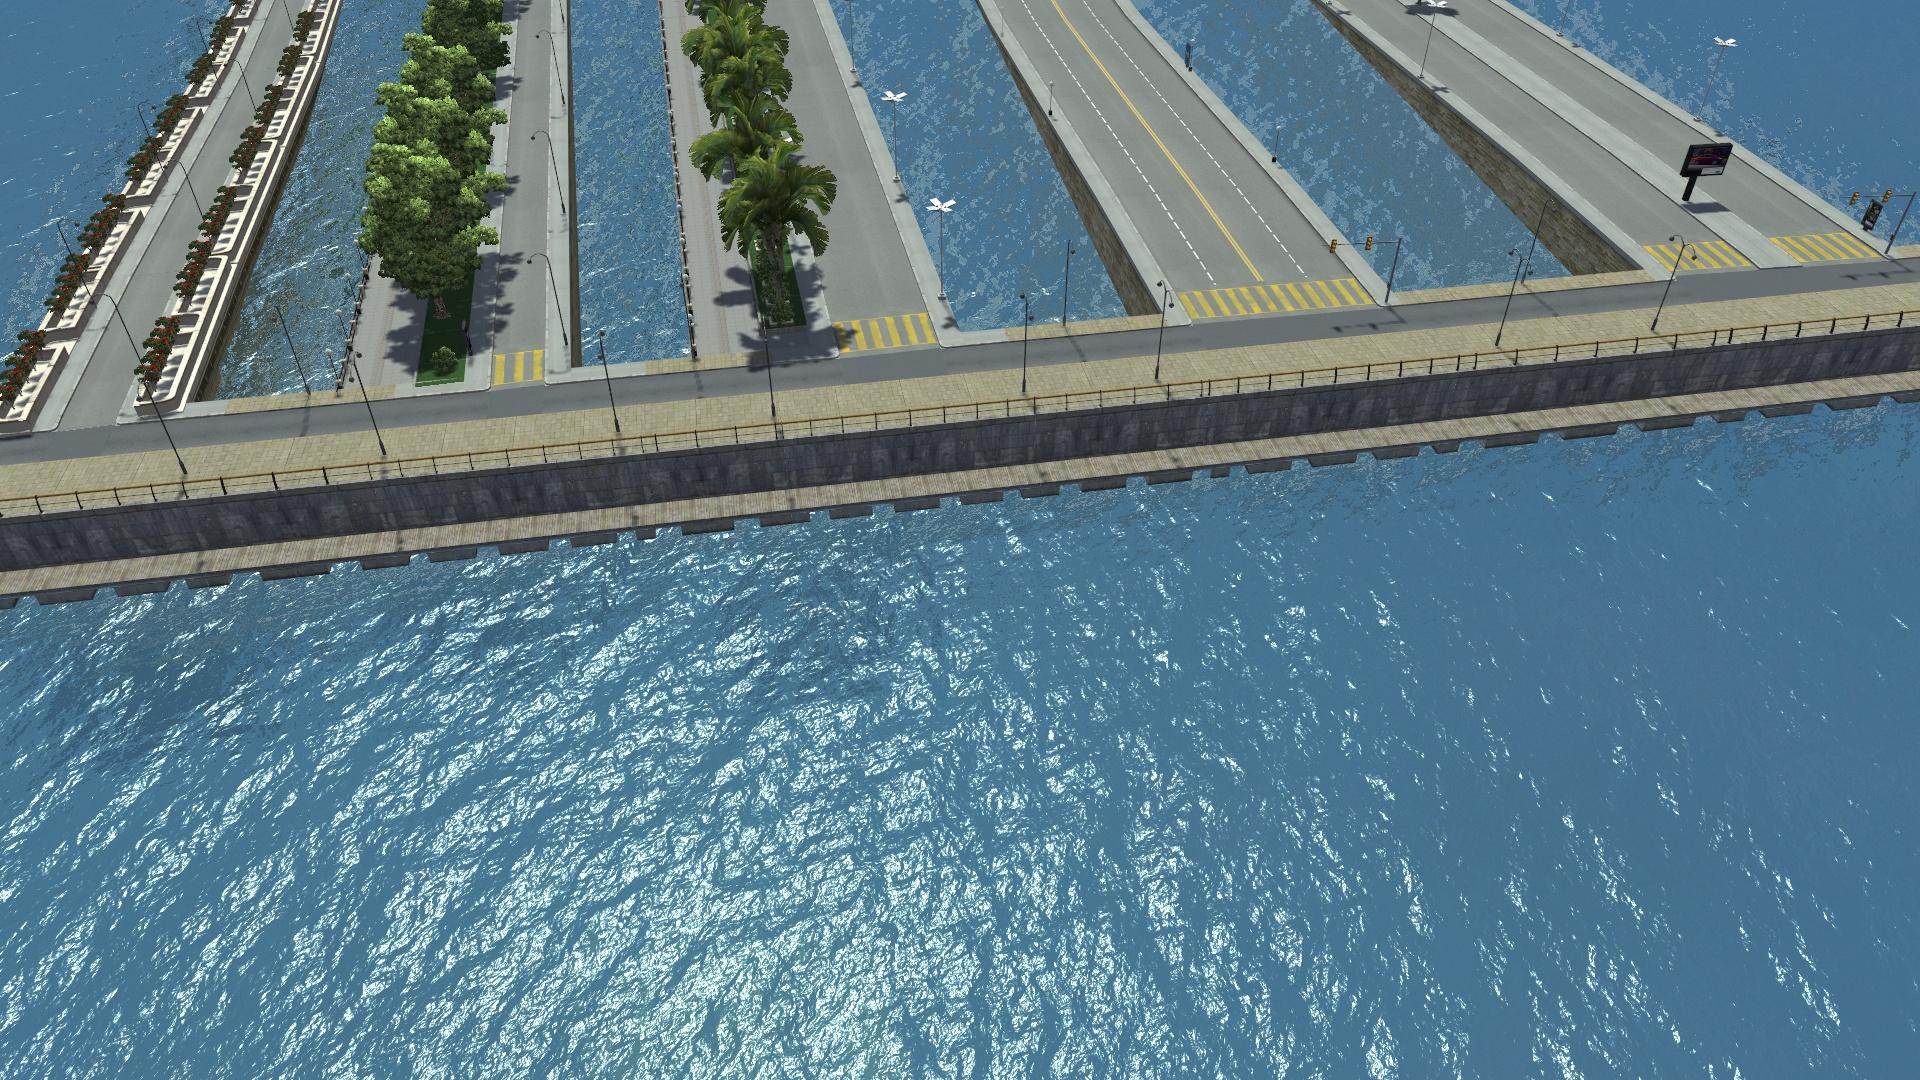 cxl_screenshot_harbour town_6.jpg